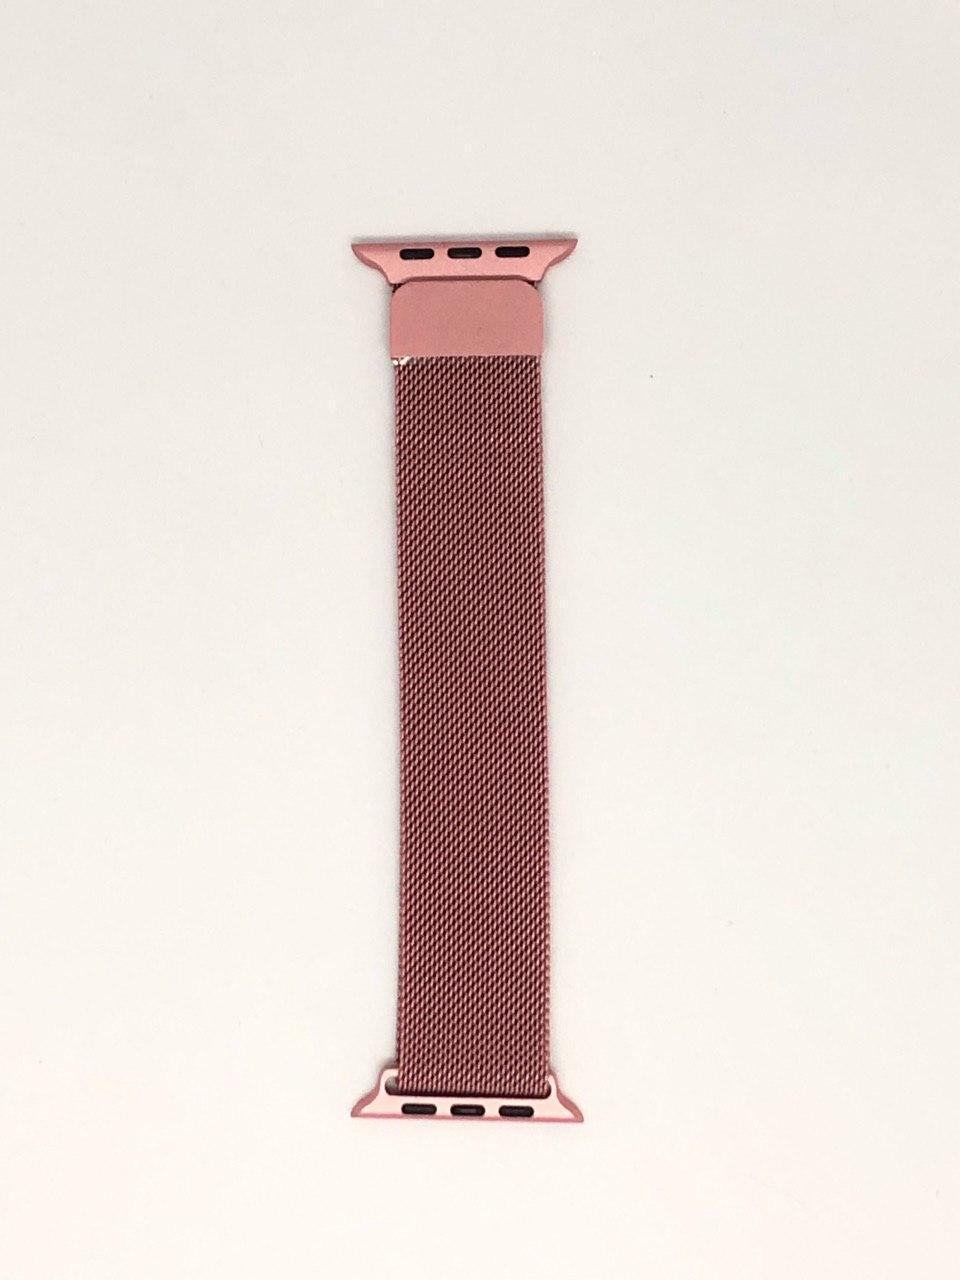 Миланская петля Apple watch 38/40 mm - №4, ремешок, металлический